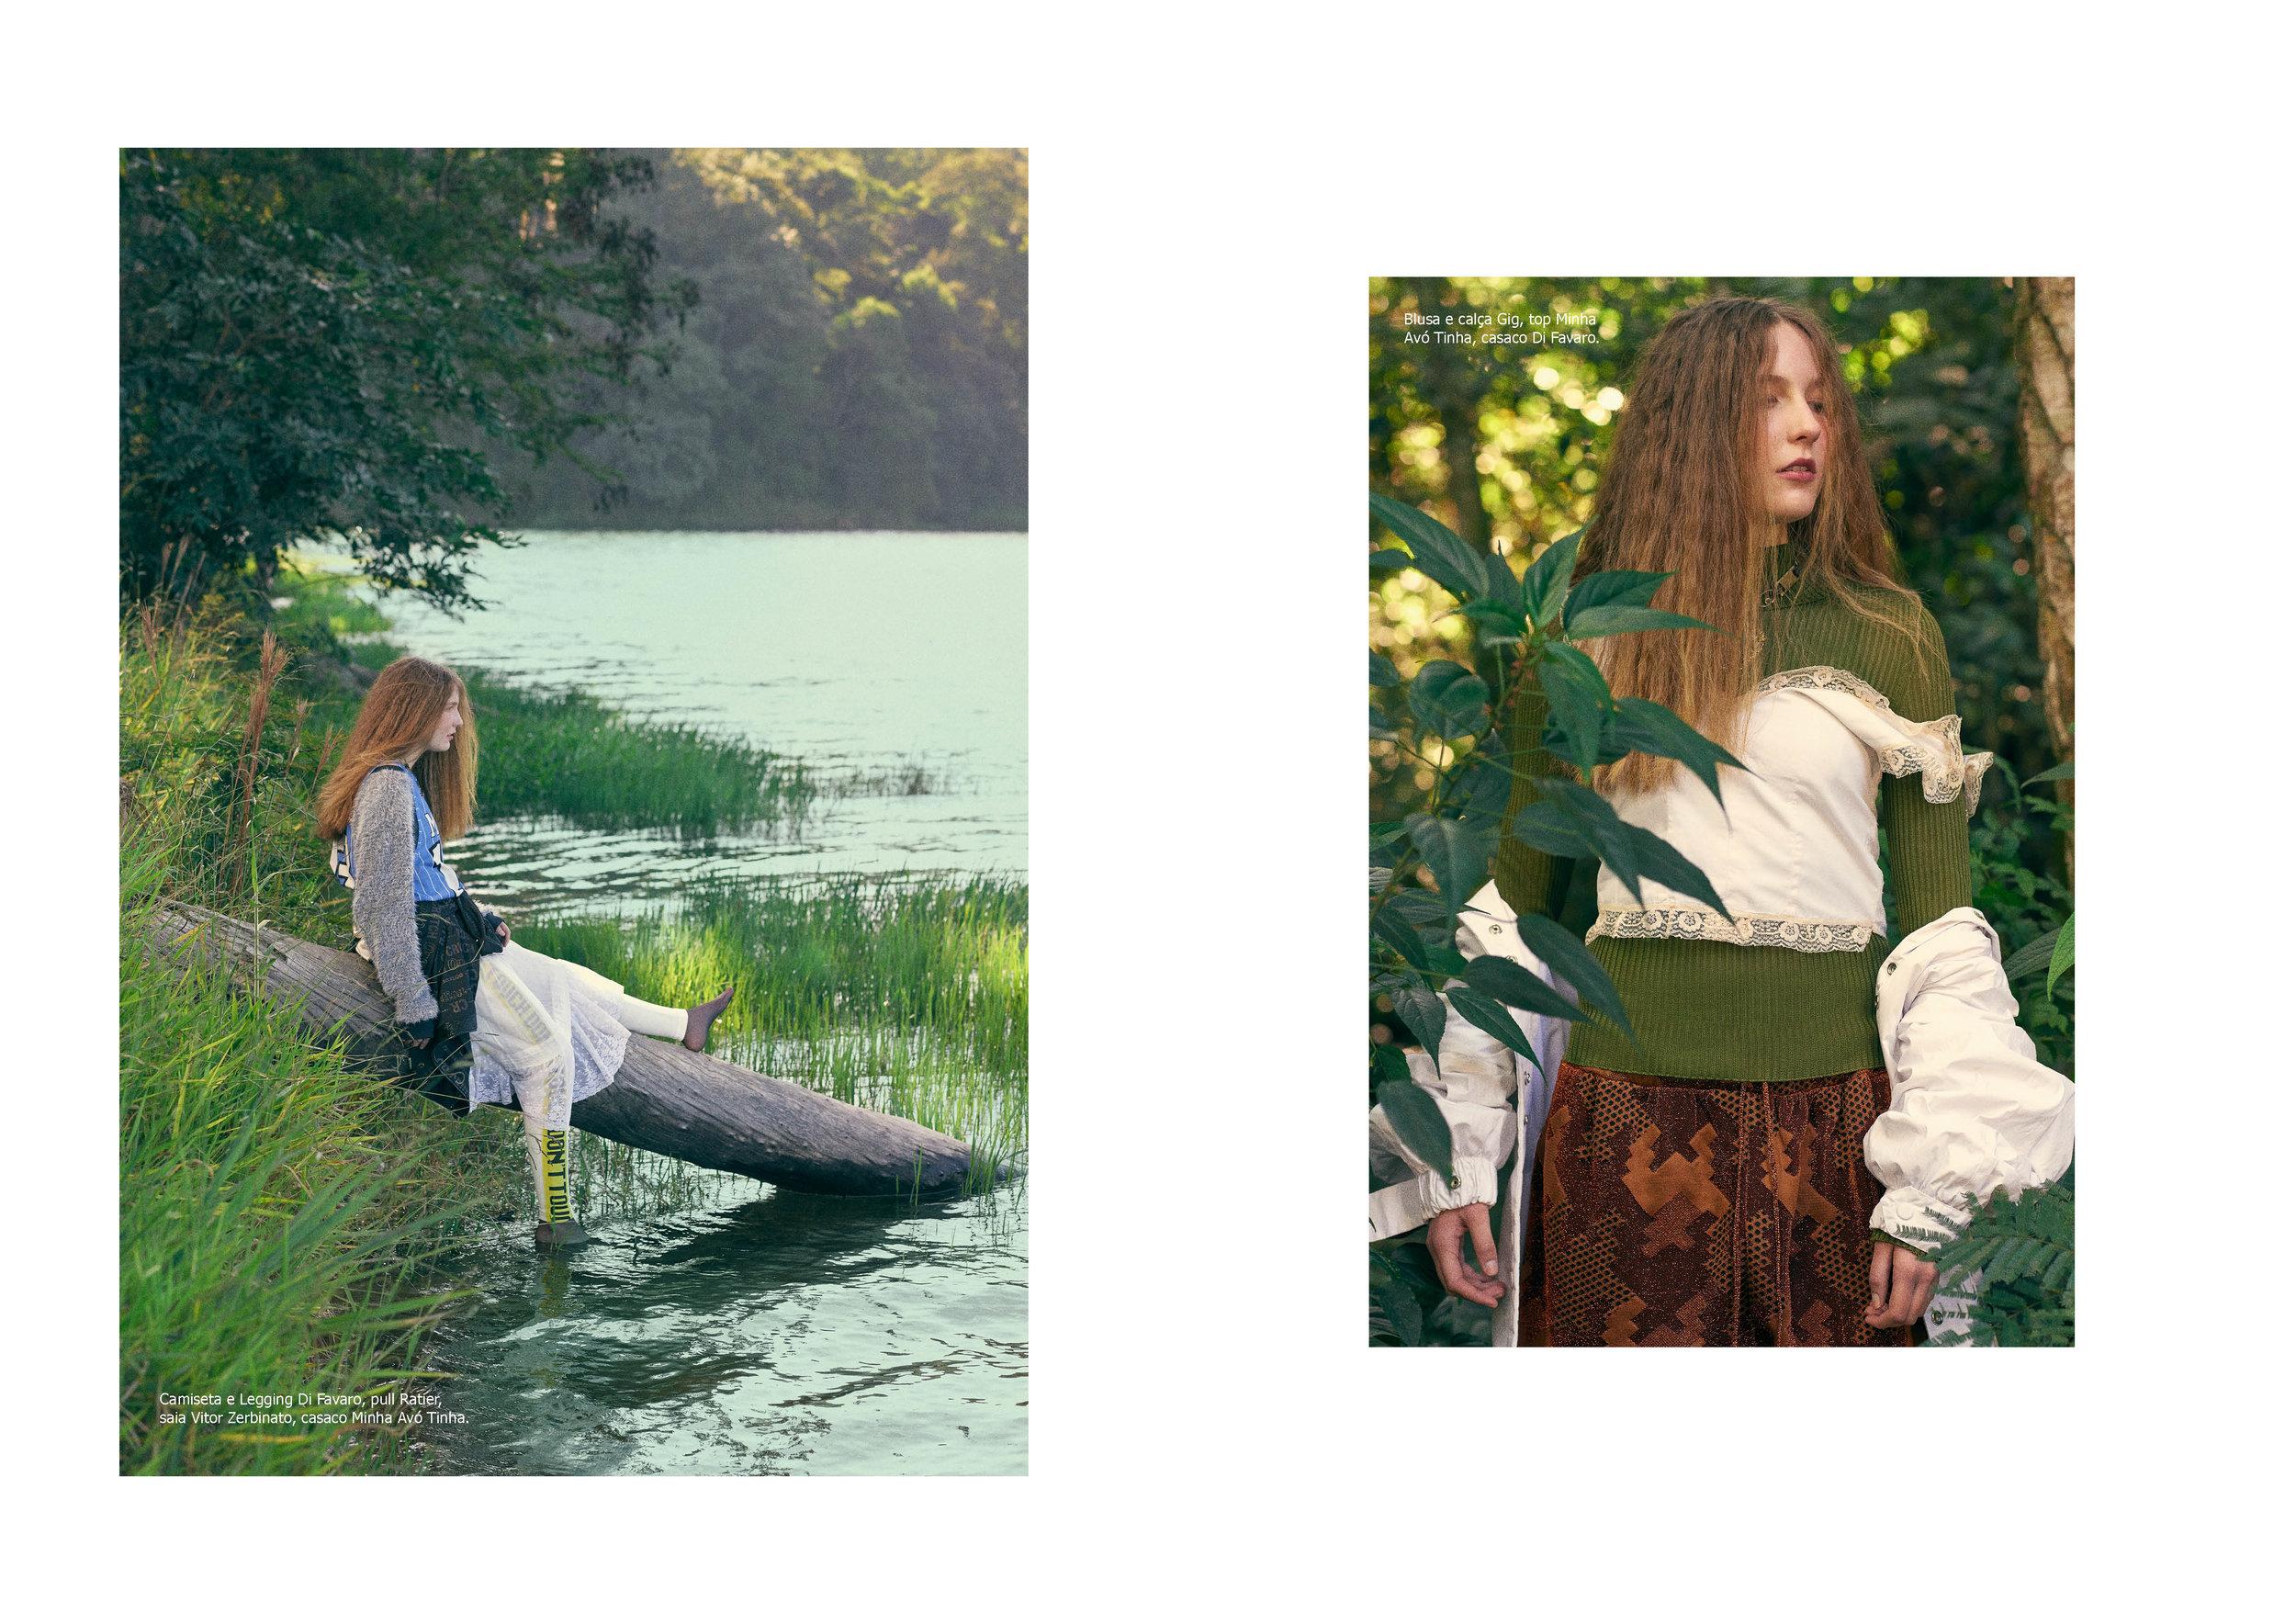 lake_in_the_woods_3.jpg